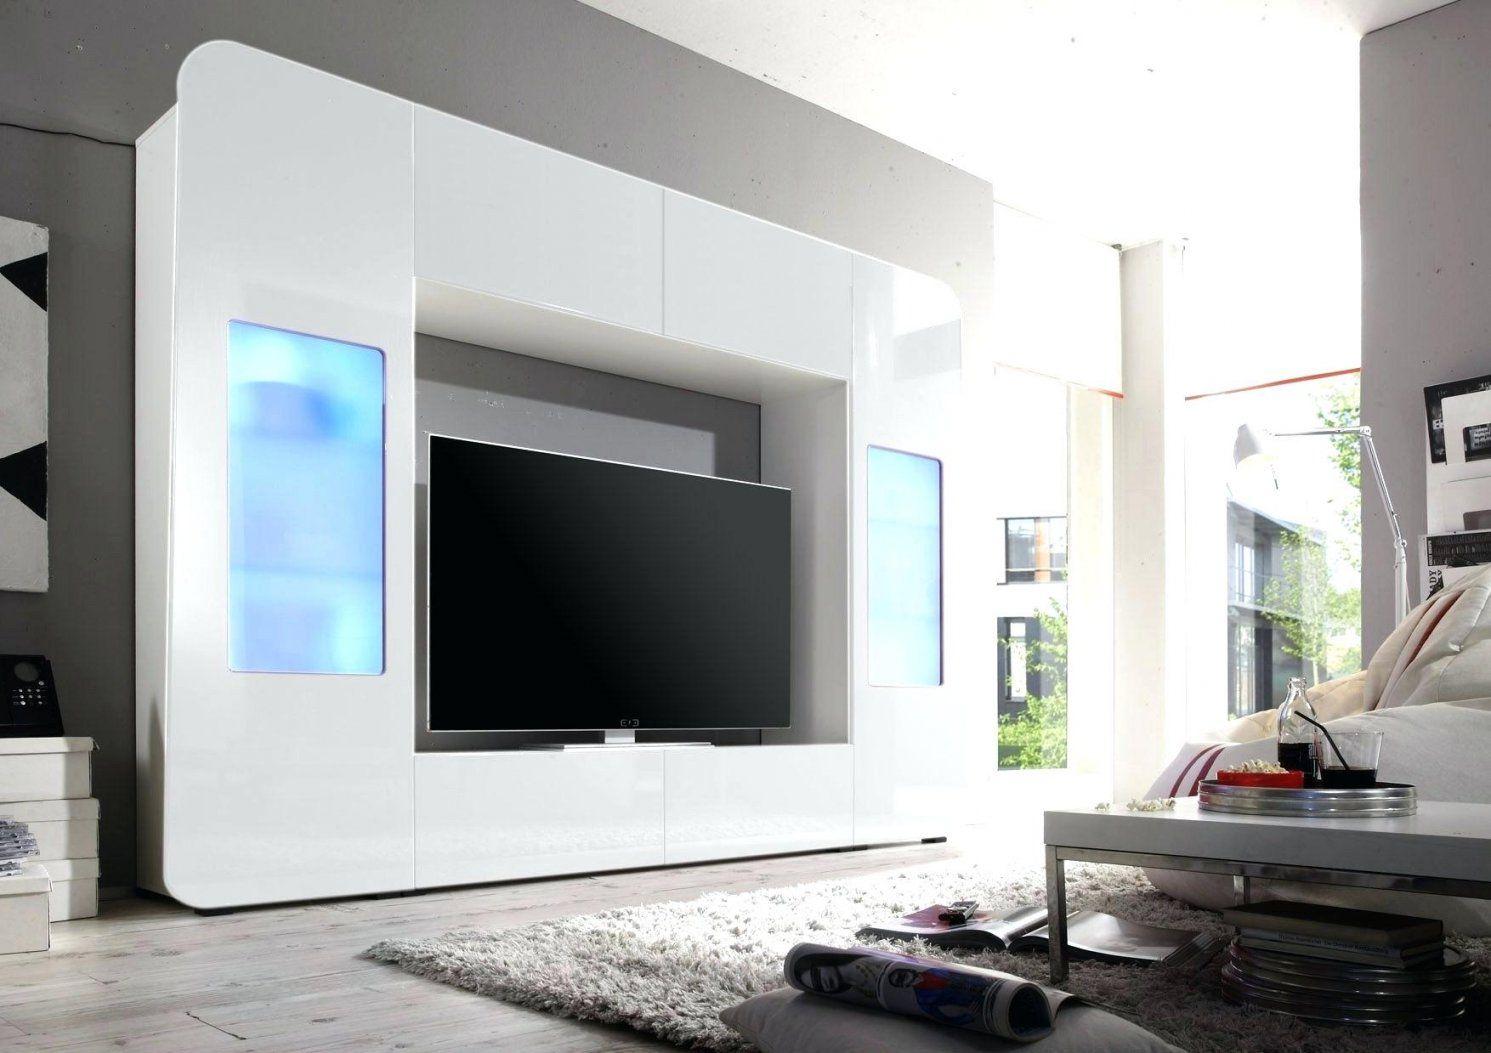 Full Size of Wohnwand Ikea Anbauwand Erstaunlich Wohnzimmer Set Betten 160x200 Bei Modulküche Küche Kaufen Miniküche Sofa Mit Schlaffunktion Kosten Wohnzimmer Wohnwand Ikea